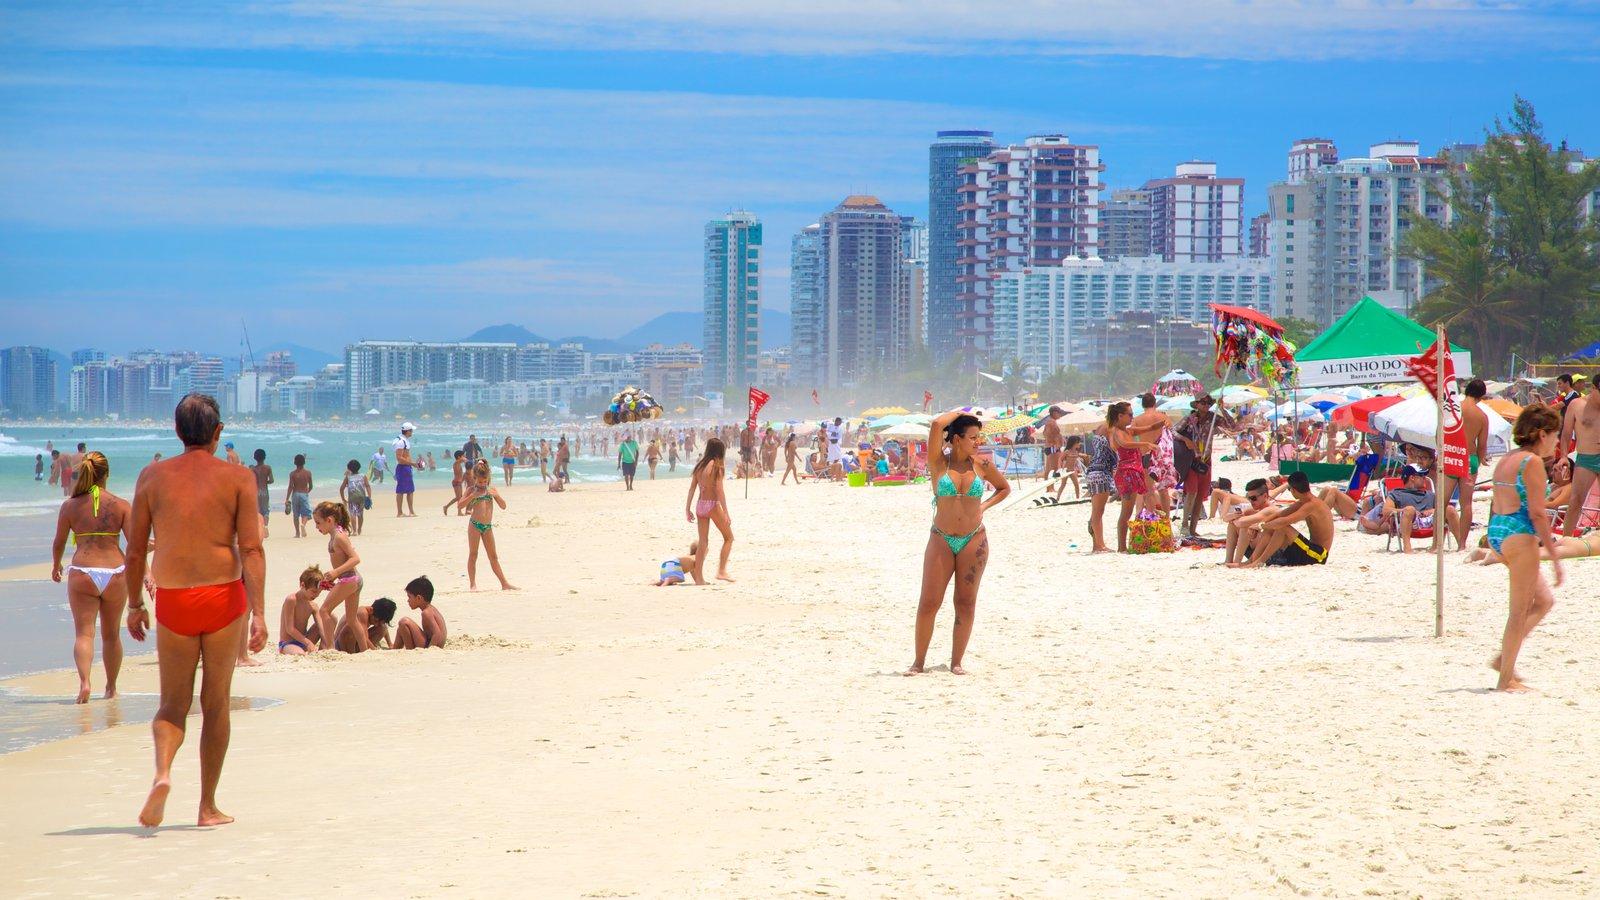 Barra da Tijuca caracterizando uma praia de areia assim como um grande grupo de pessoas